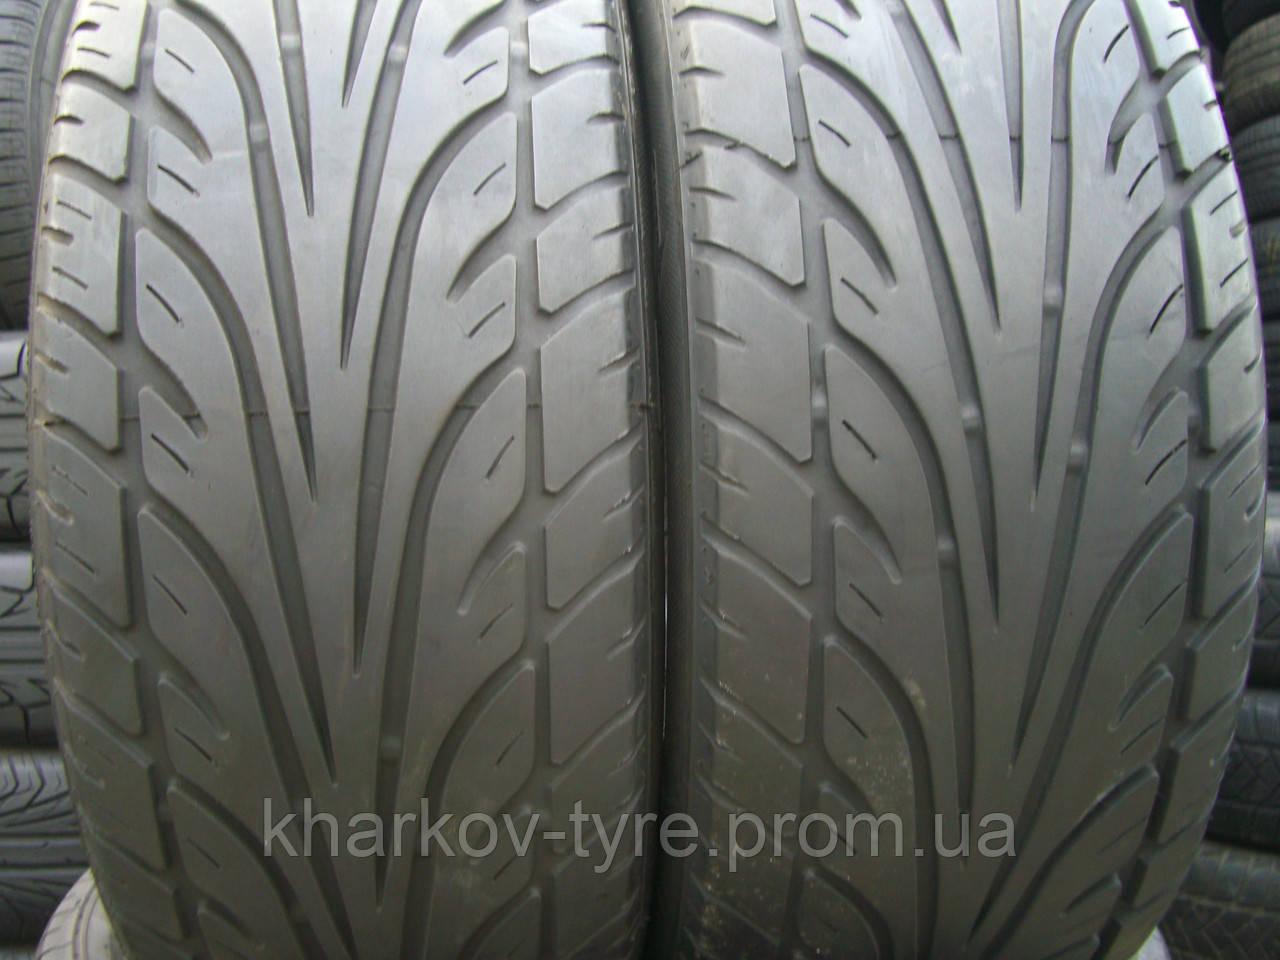 Летние шины R16 б/у 225\55-16 Wanli S-1088 Украина